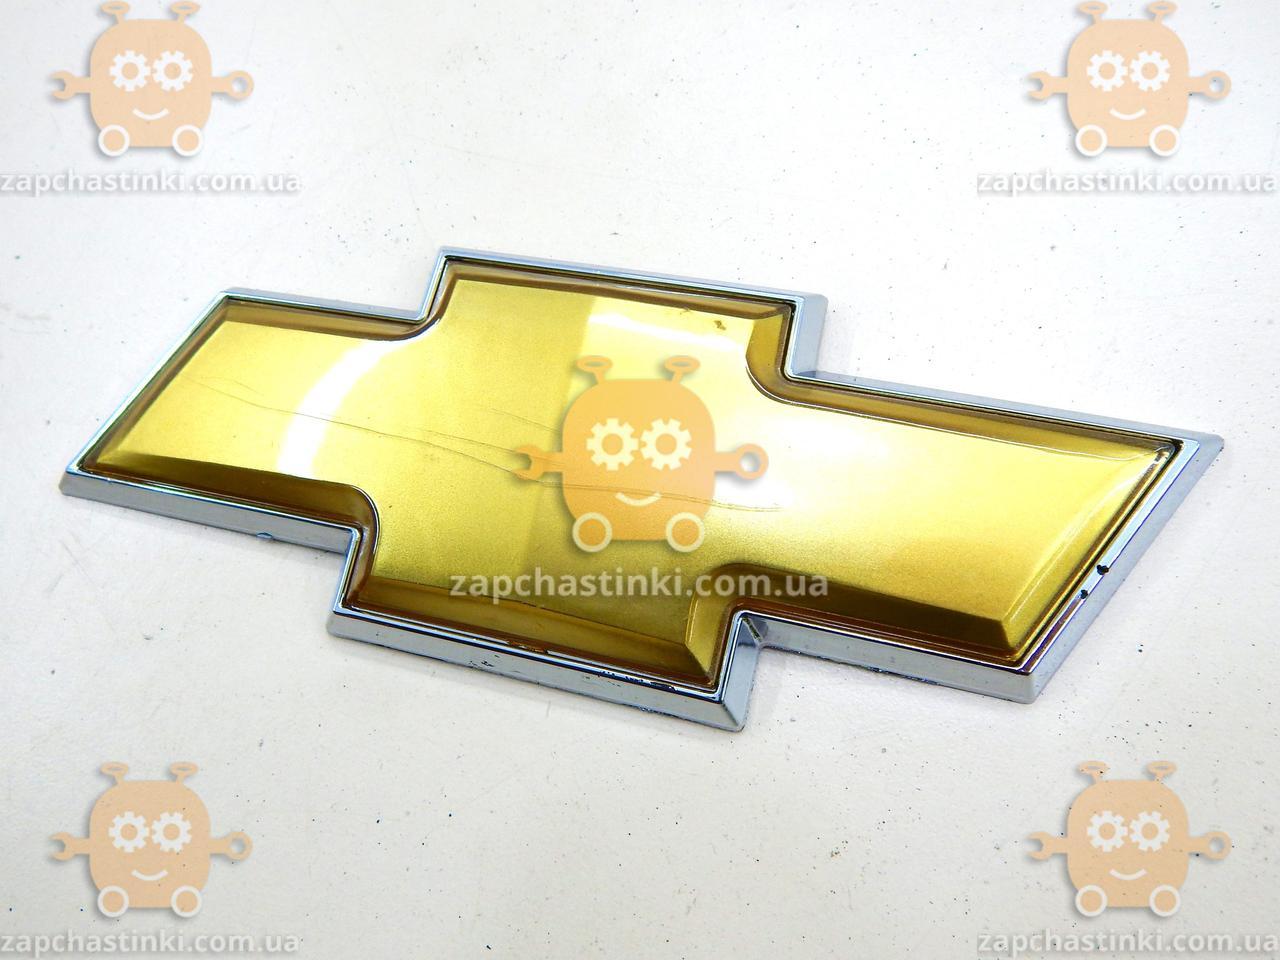 Емблема Chevrolet на скотчі (Важливо виміряти габарити: 210х77мм) УЦІНКА подряпини (Передоплата)